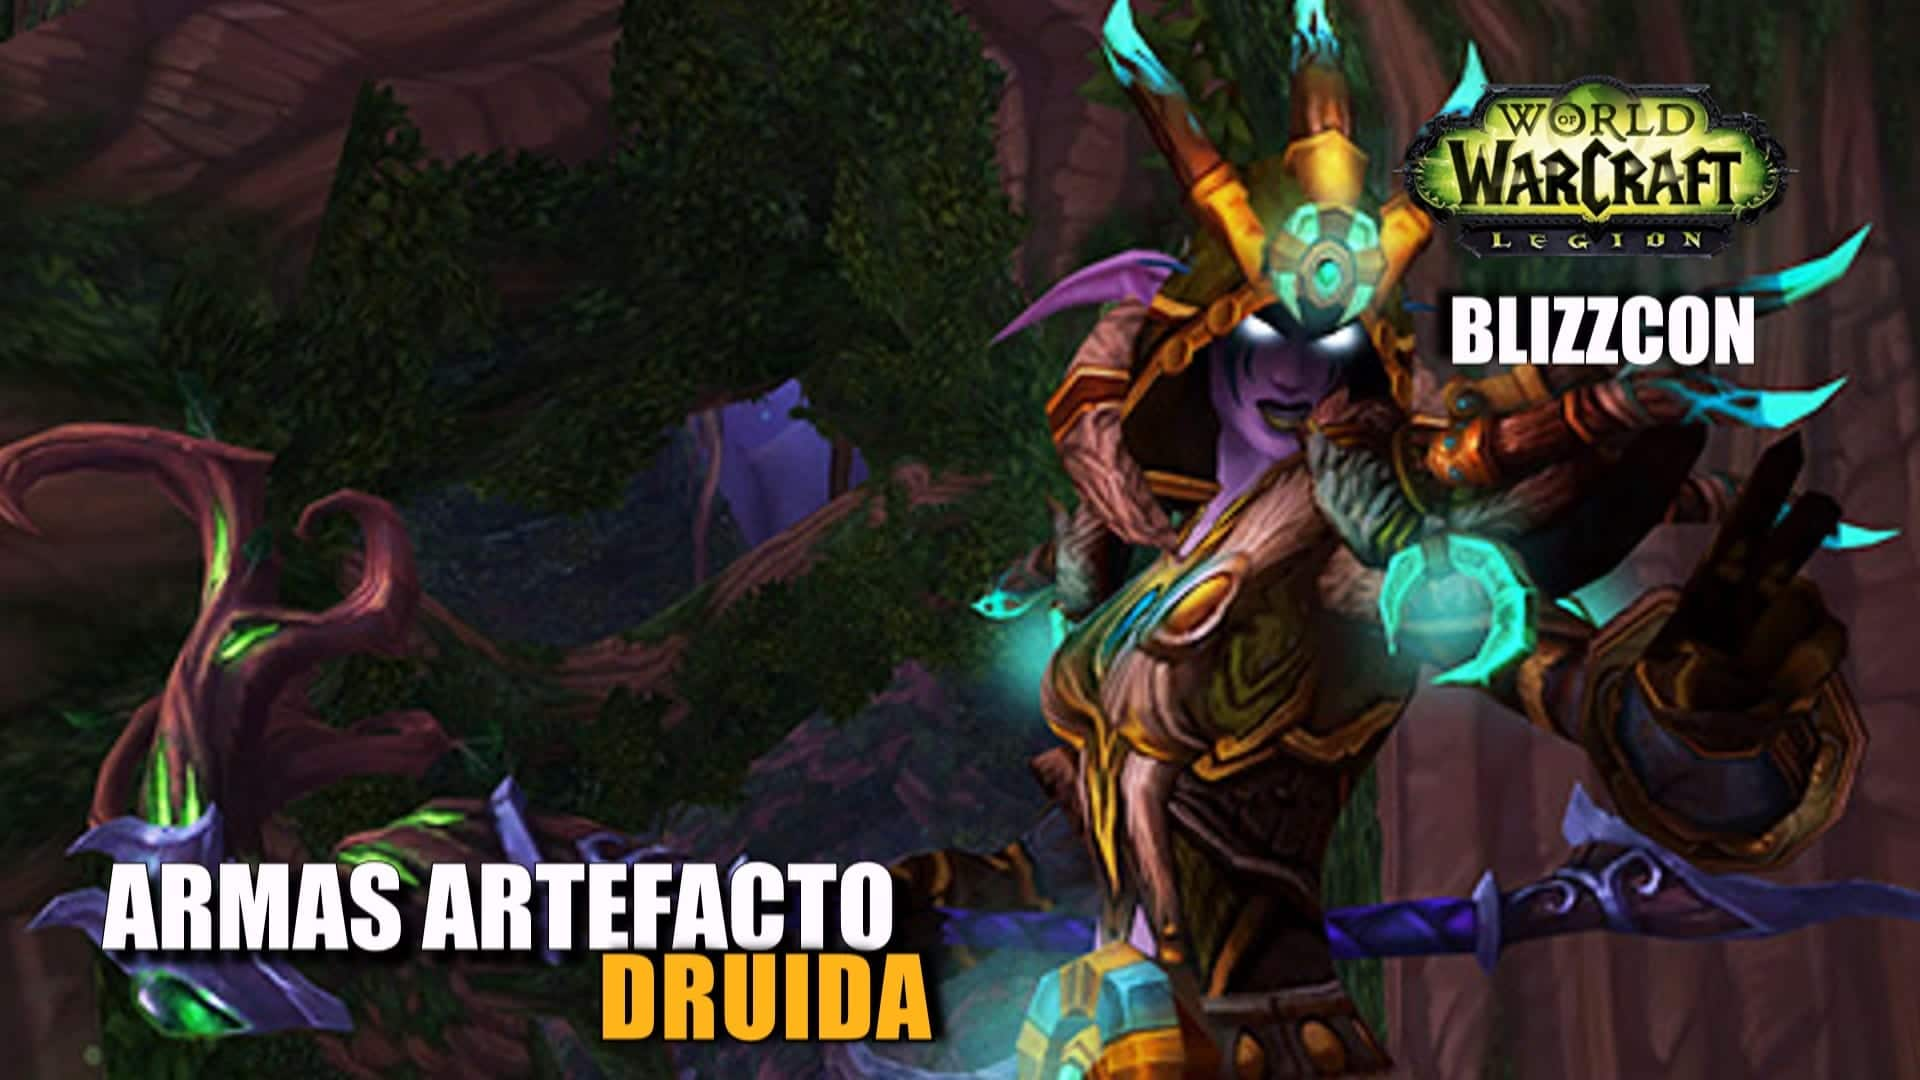 Armas artefacto: Druida